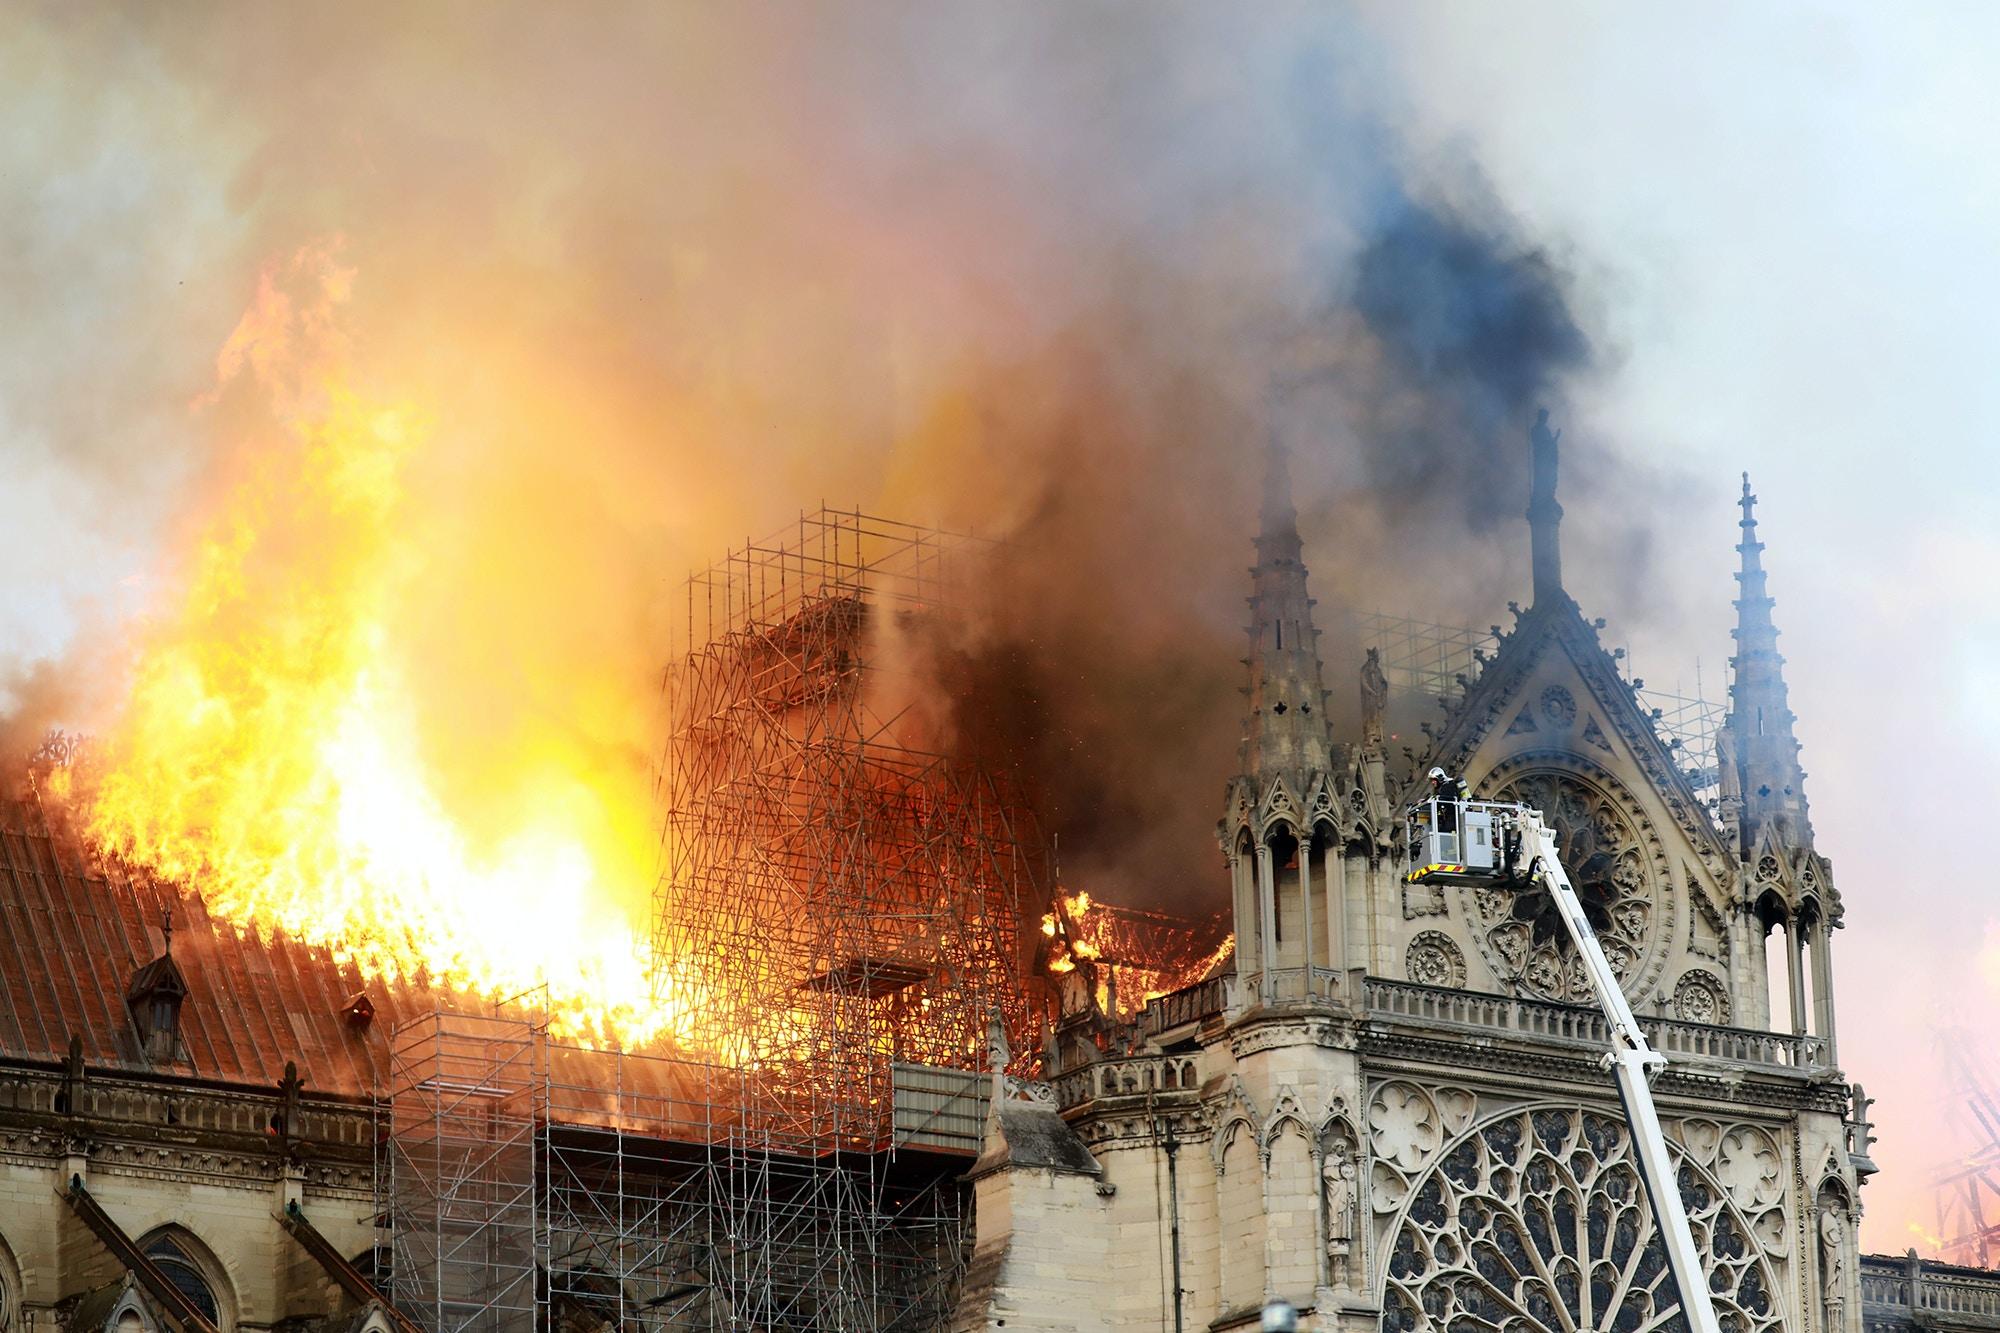 Los tiroteos lucharon contra el incendio ayer mientras se extendía por el techo de Cathédrale Notre Dame de Paris